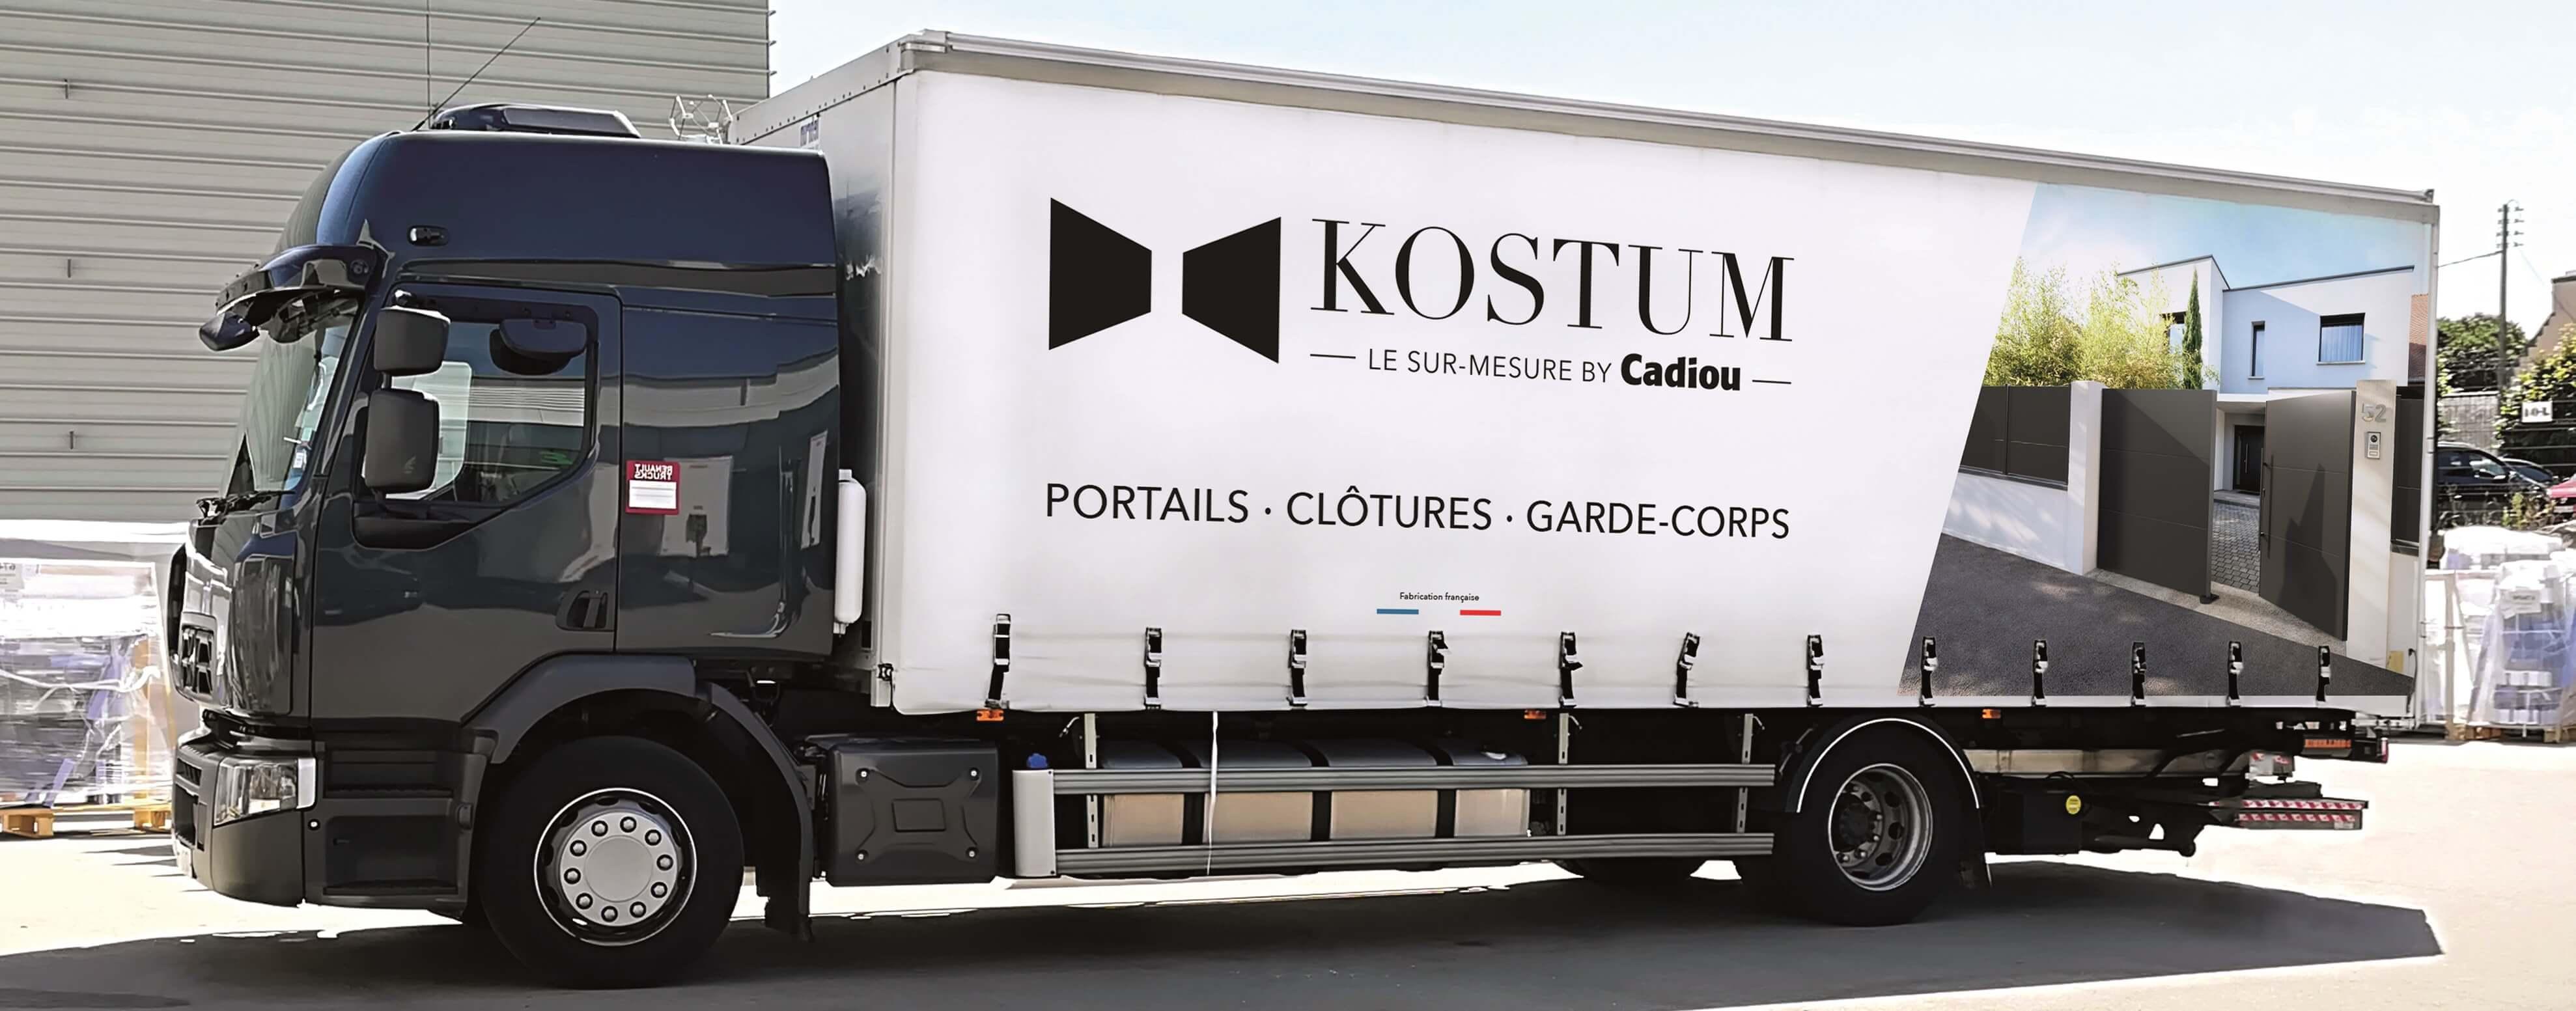 Recrutement: Coordinateur Entrepôt Logistique F/H chez Cadiou à Lyon